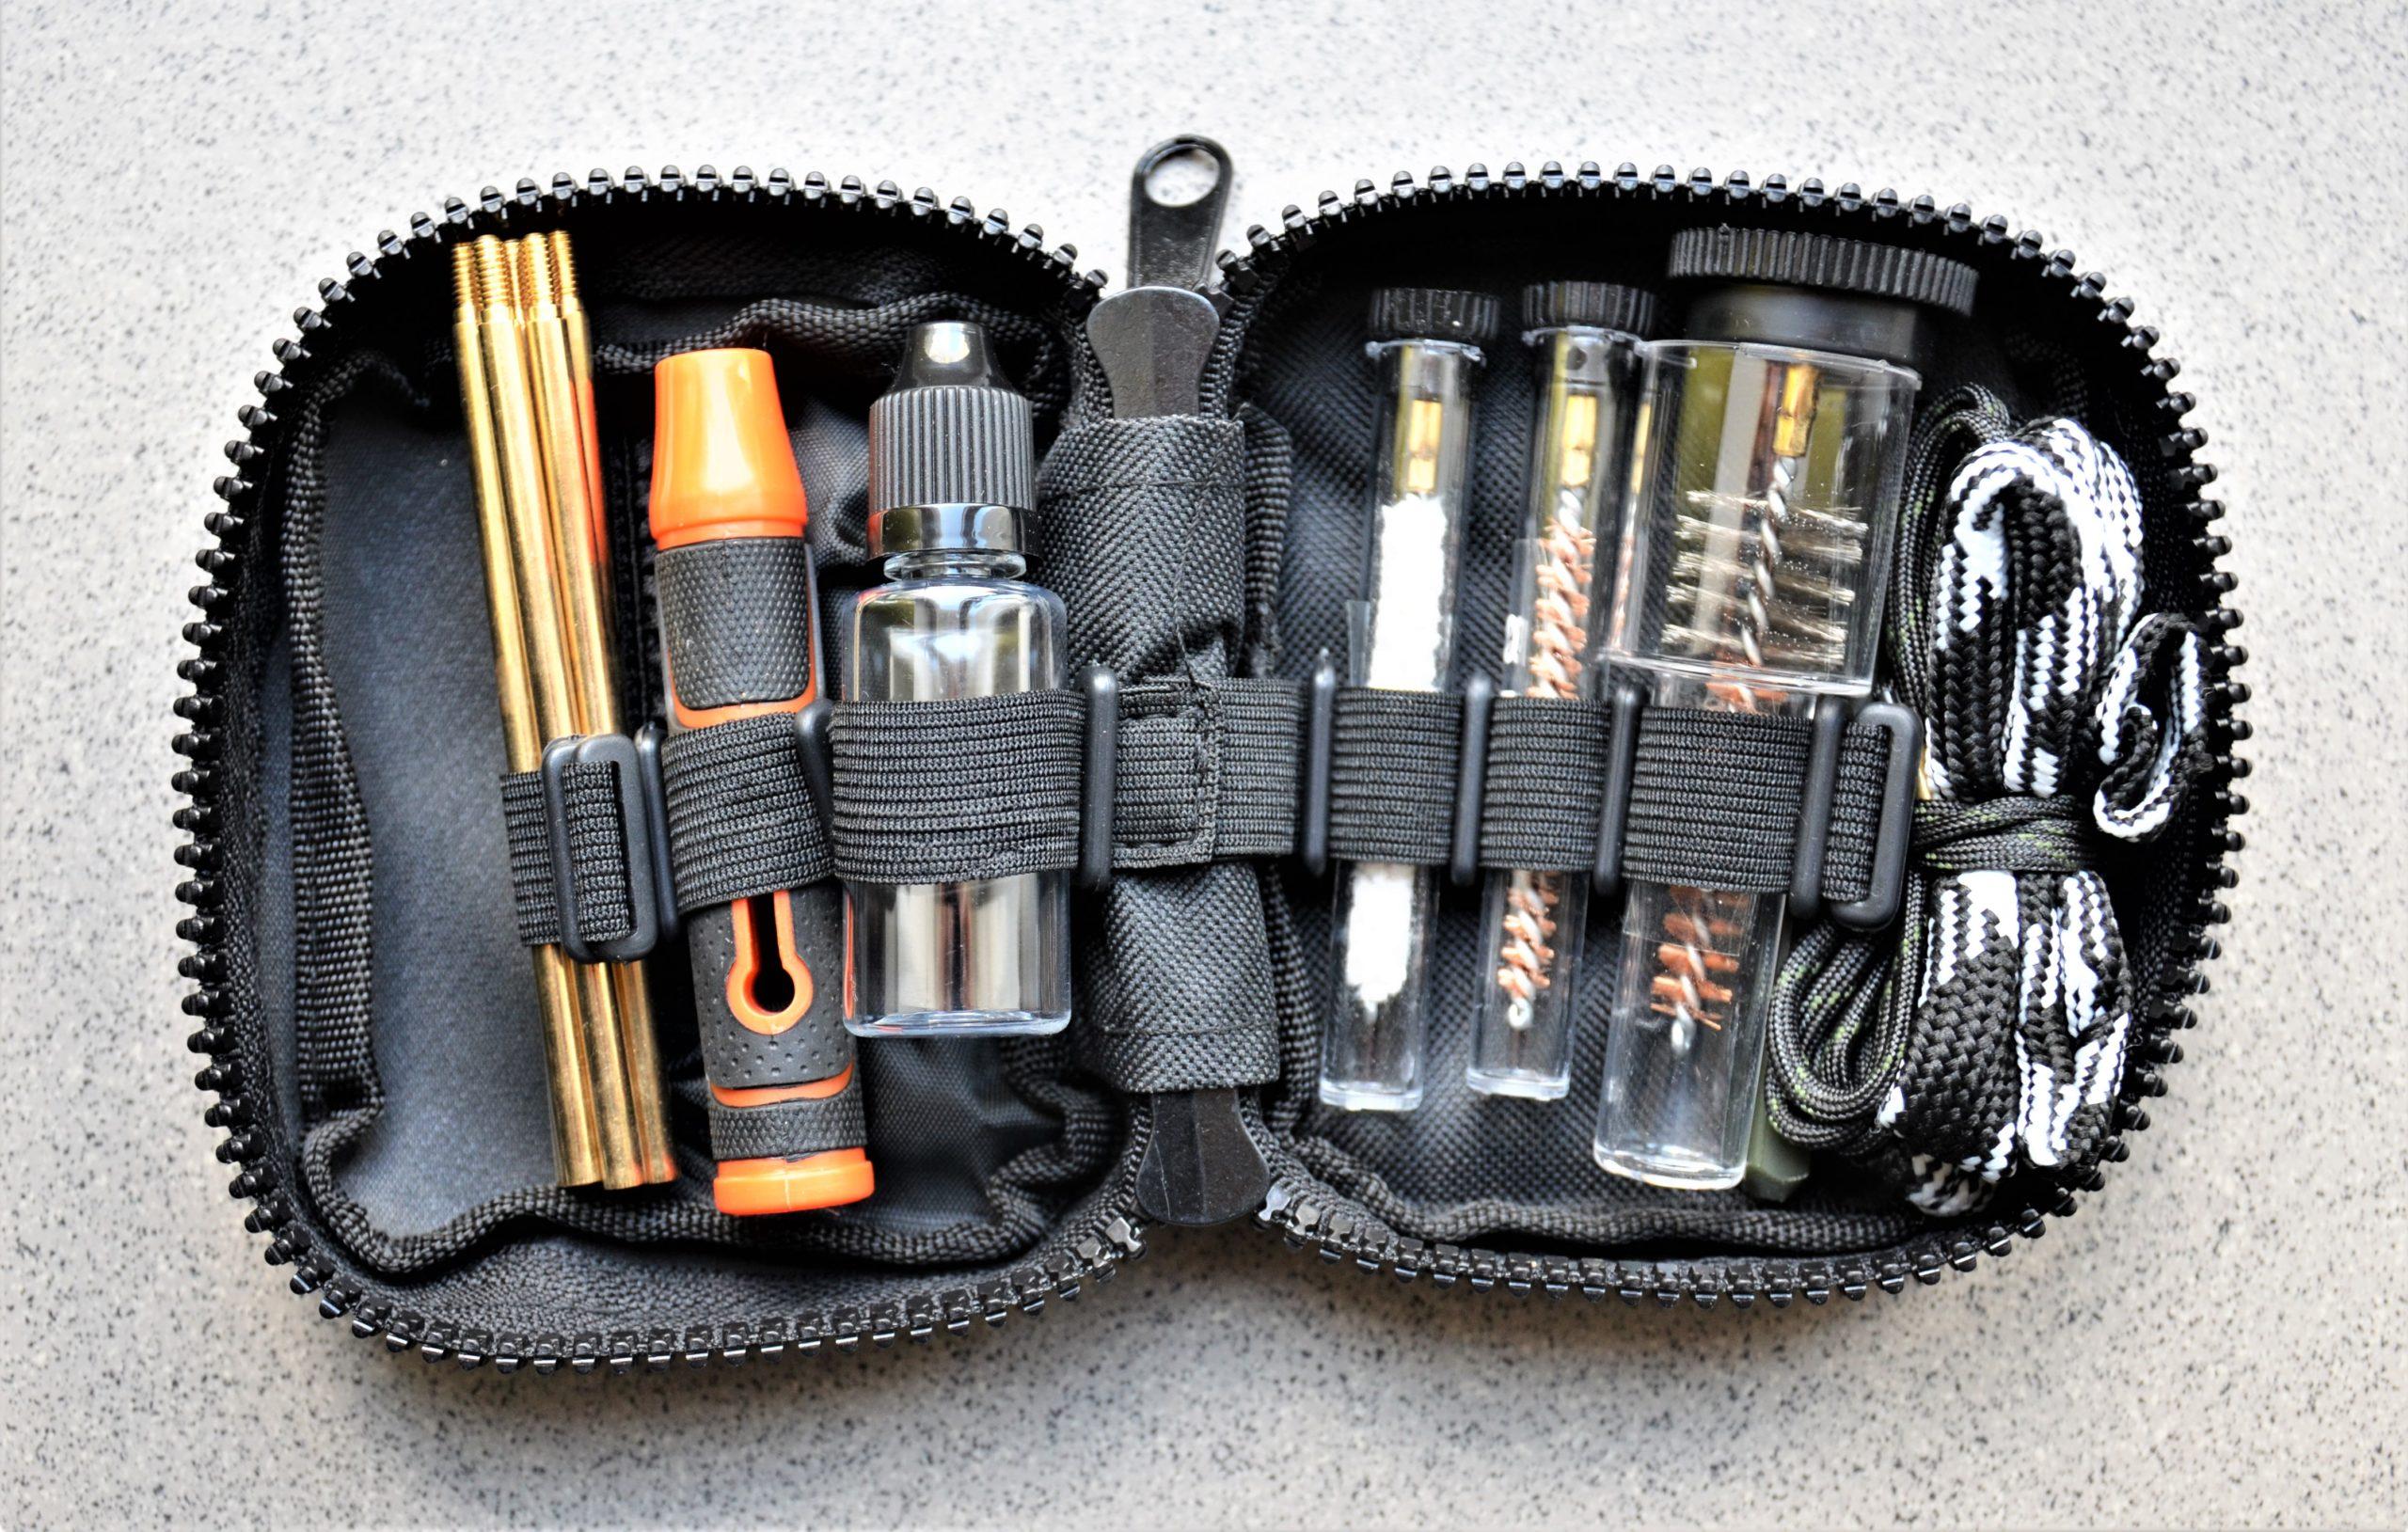 Schmeisser WeaponCare AR15 Reinigungsset - .223 Rem Langwaffenreinigungsset